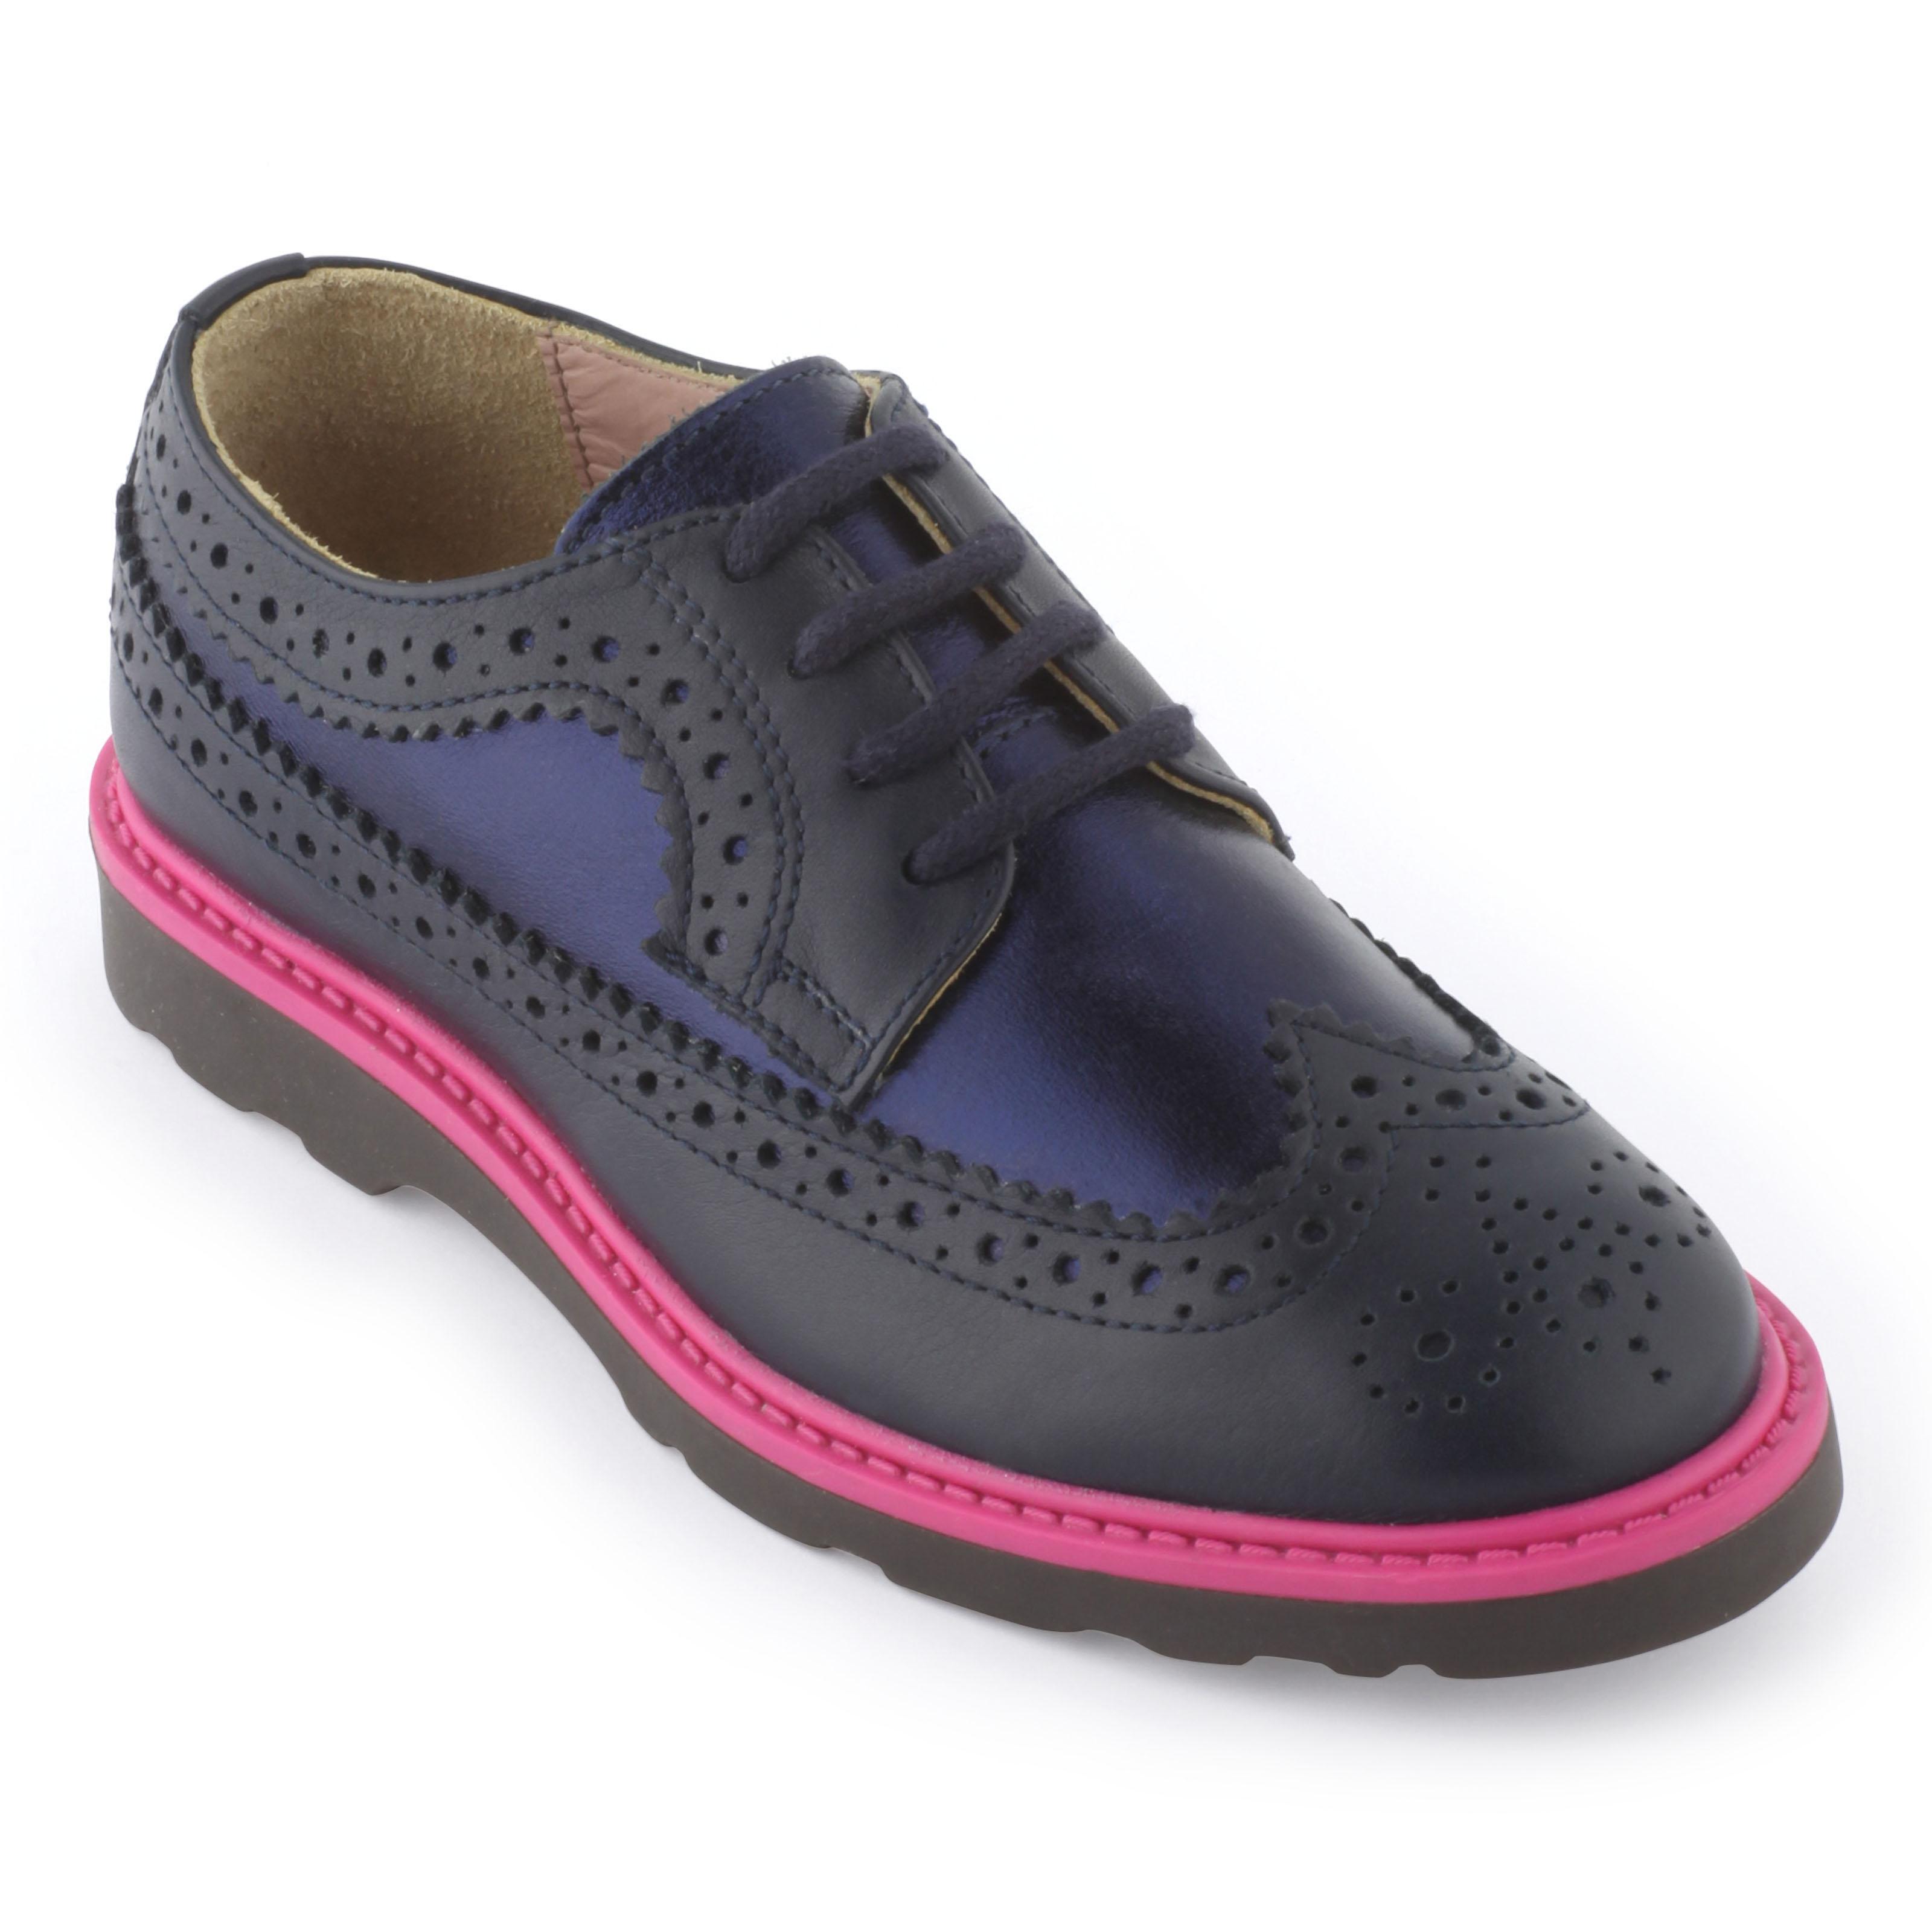 Chaussures Paul Smith, comment trouvez vous cette marque ?